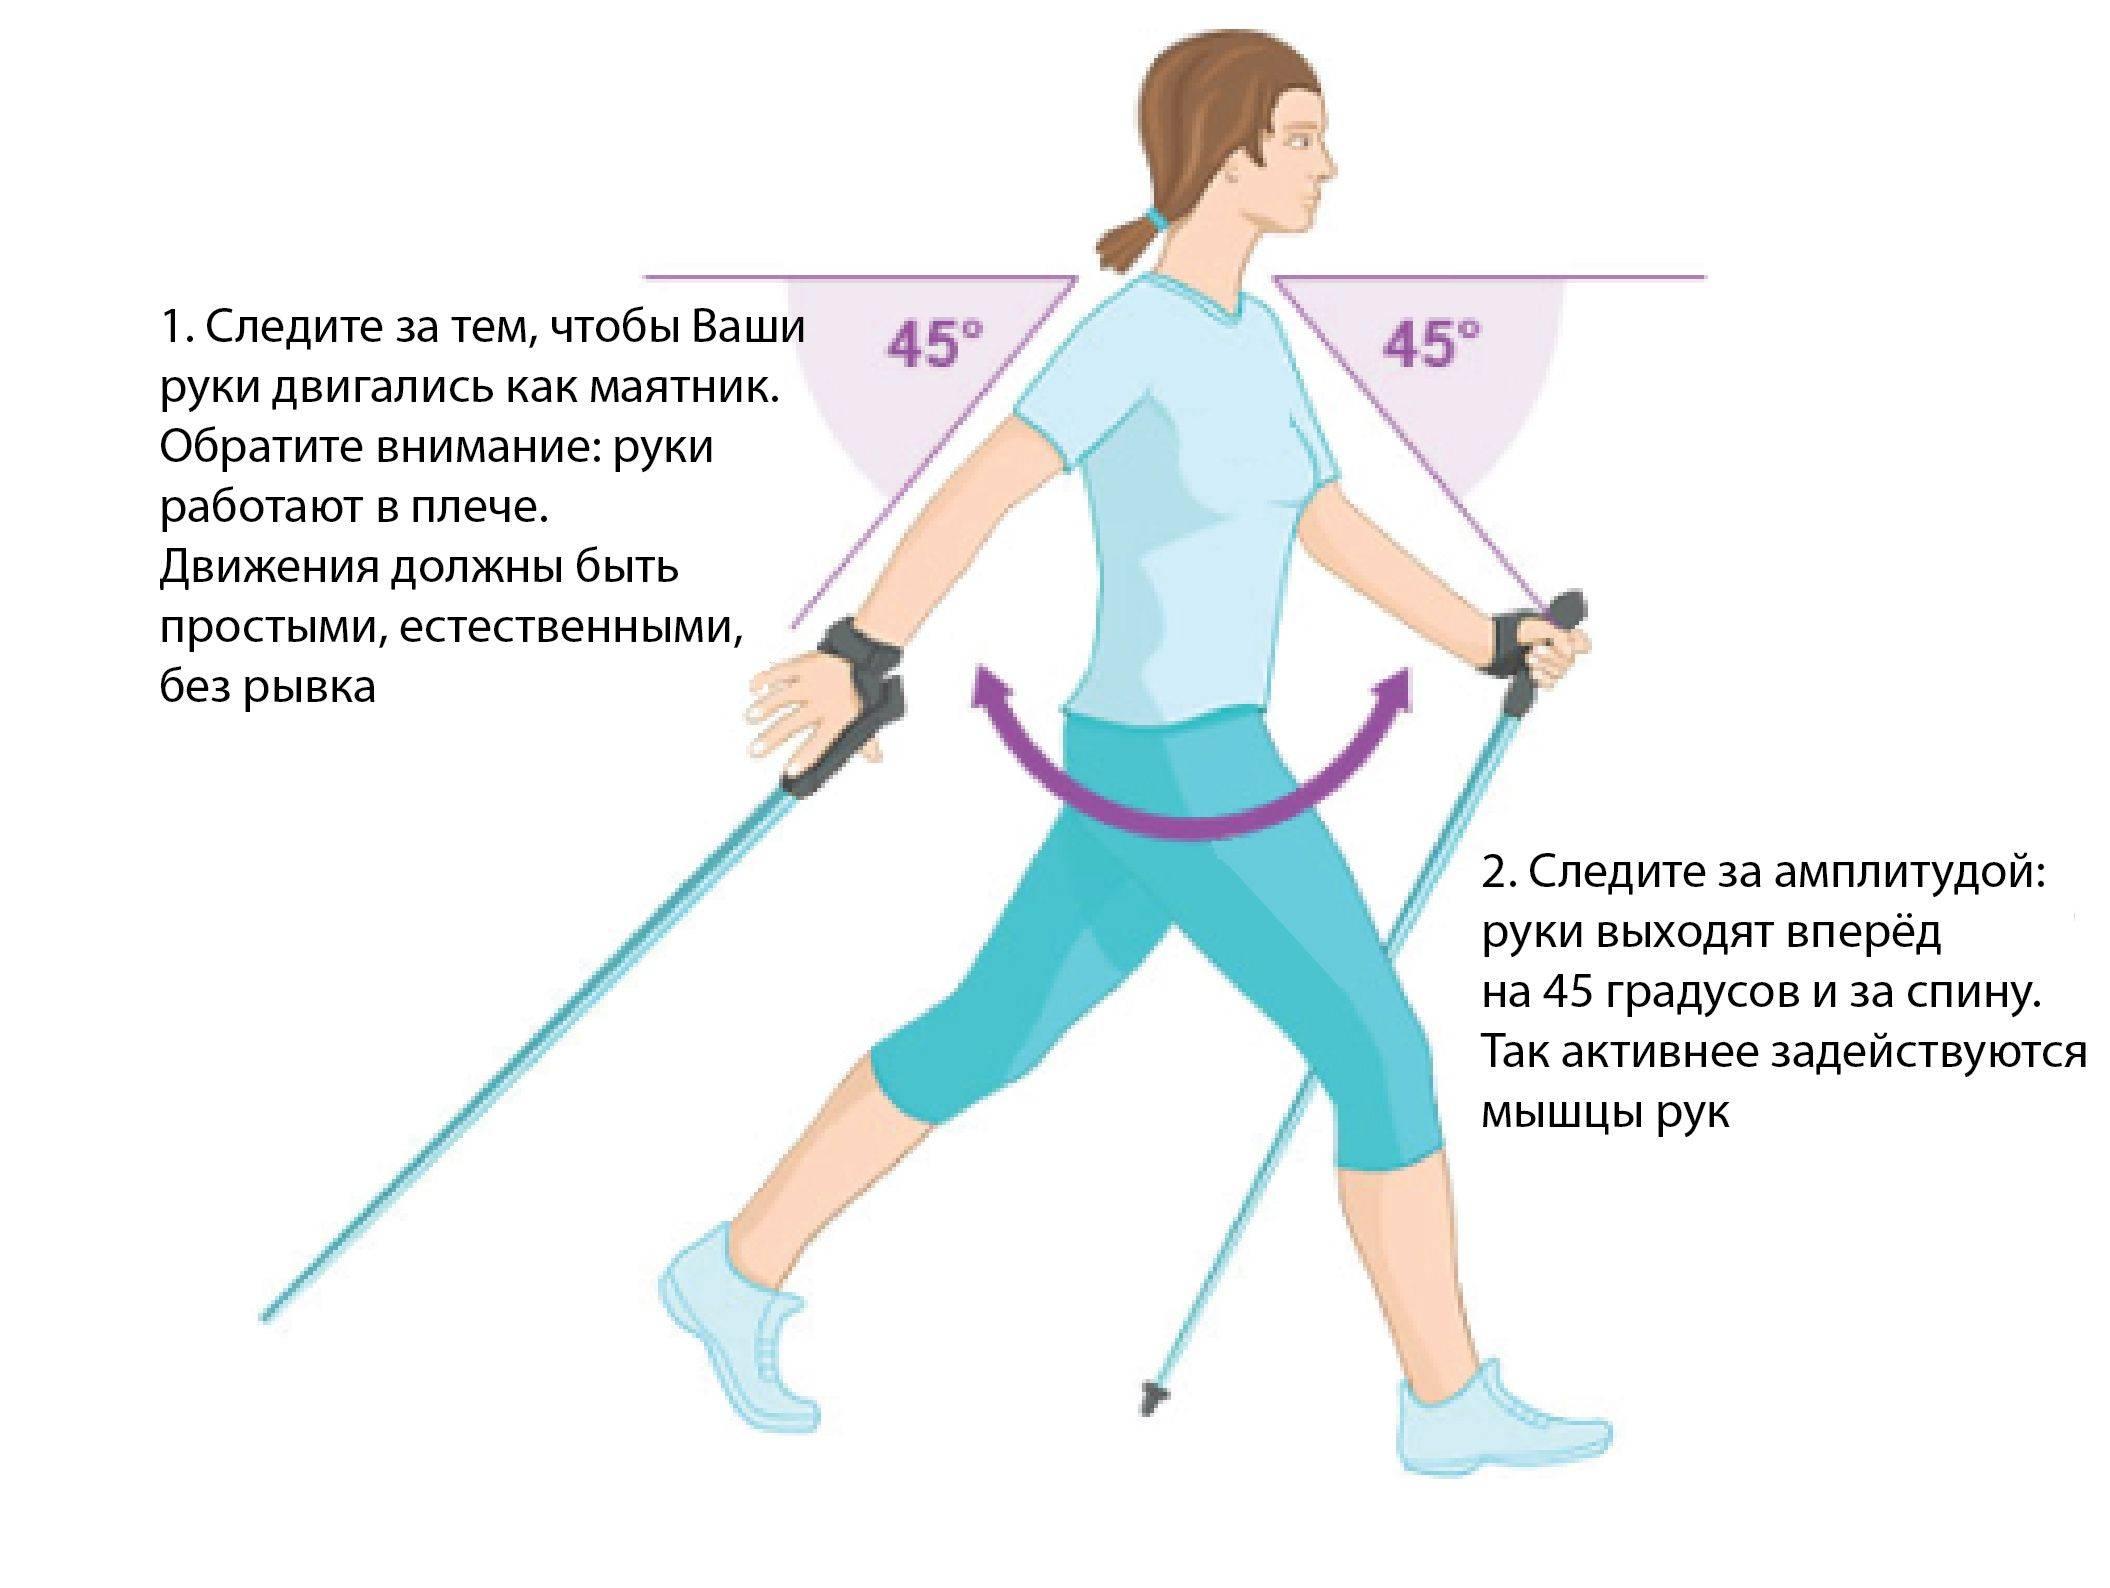 Скандинавская ходьба против лишнего веса